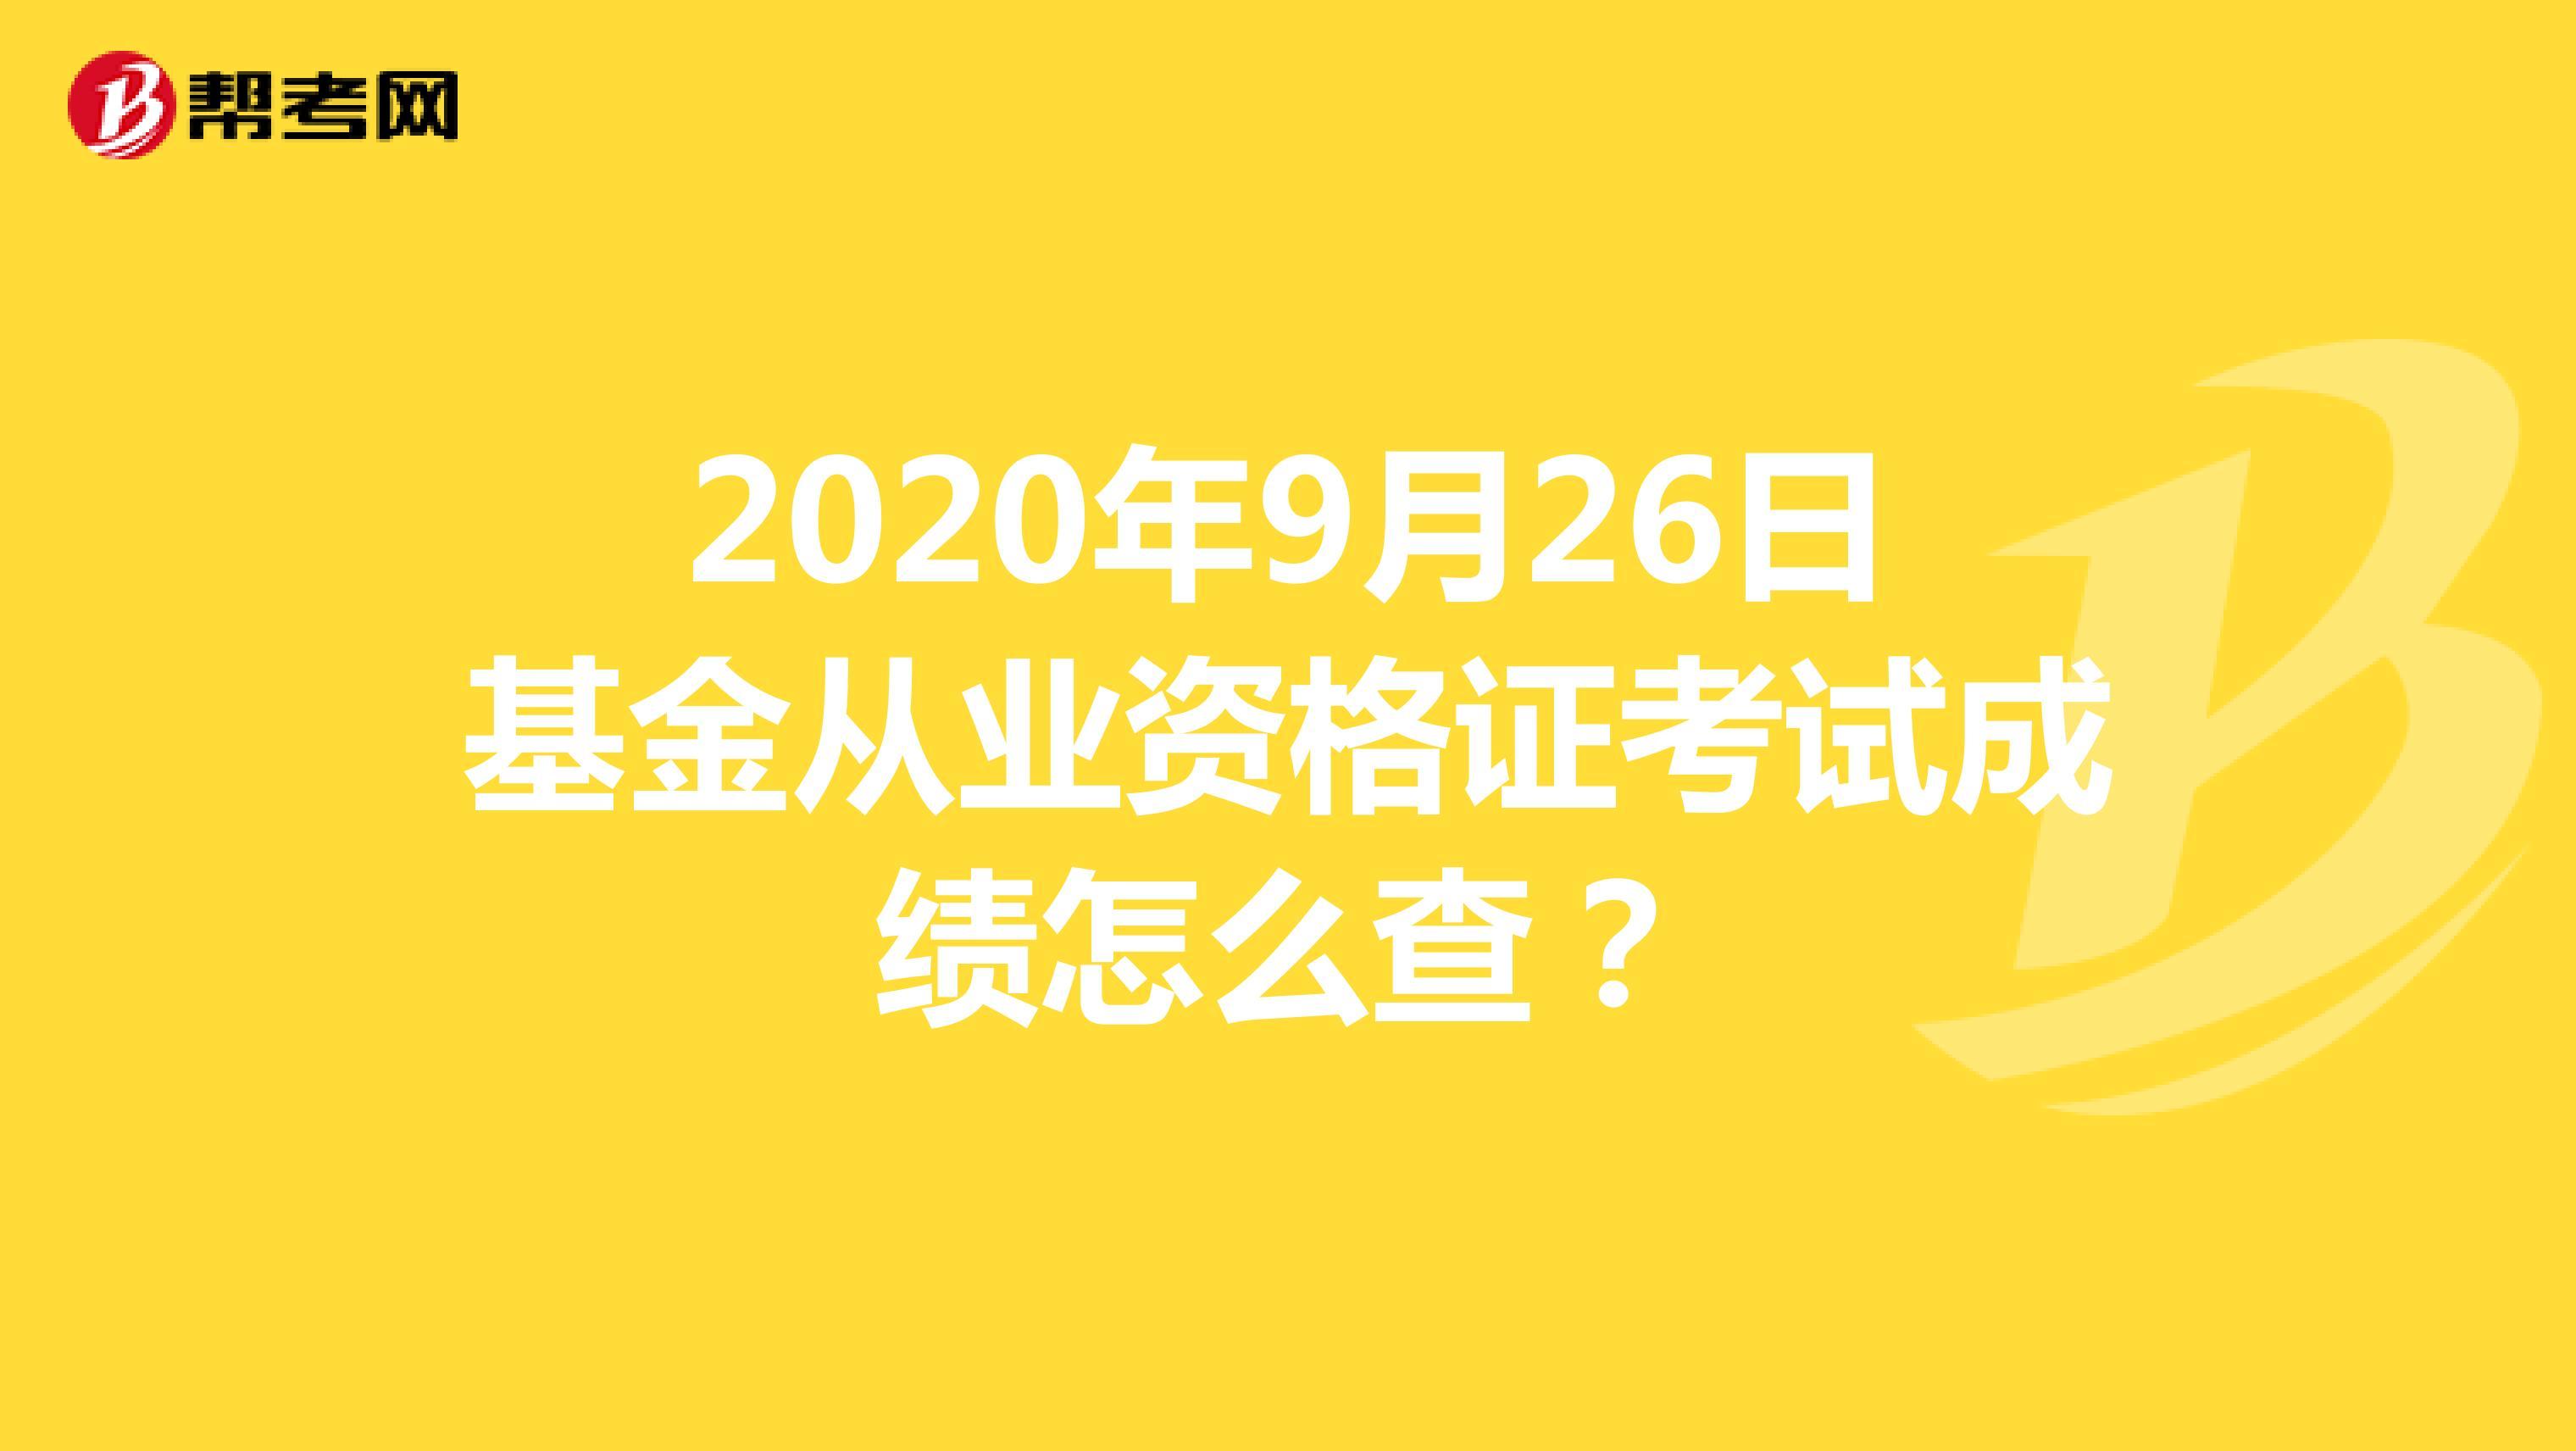 2020年9月26日基金从业资格证考试成绩怎么查?